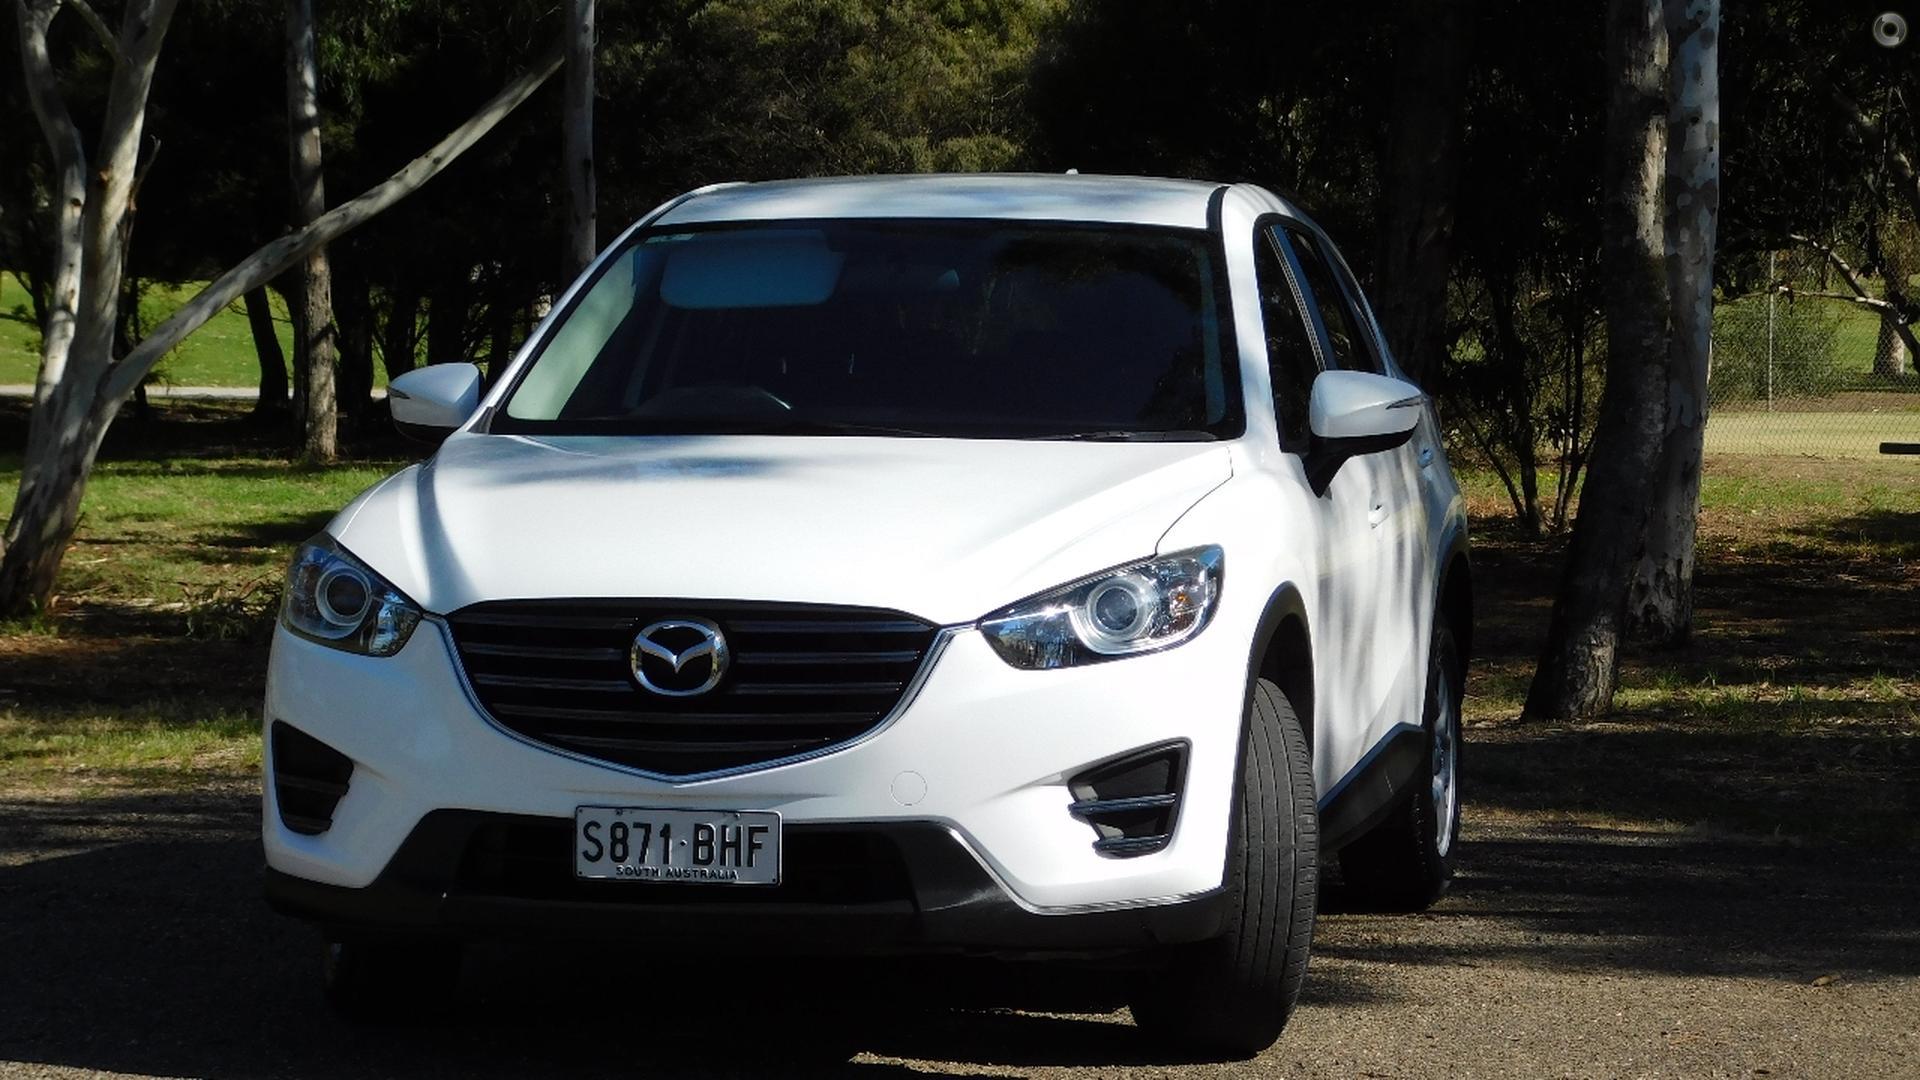 2015 Mazda Cx-5 Maxx